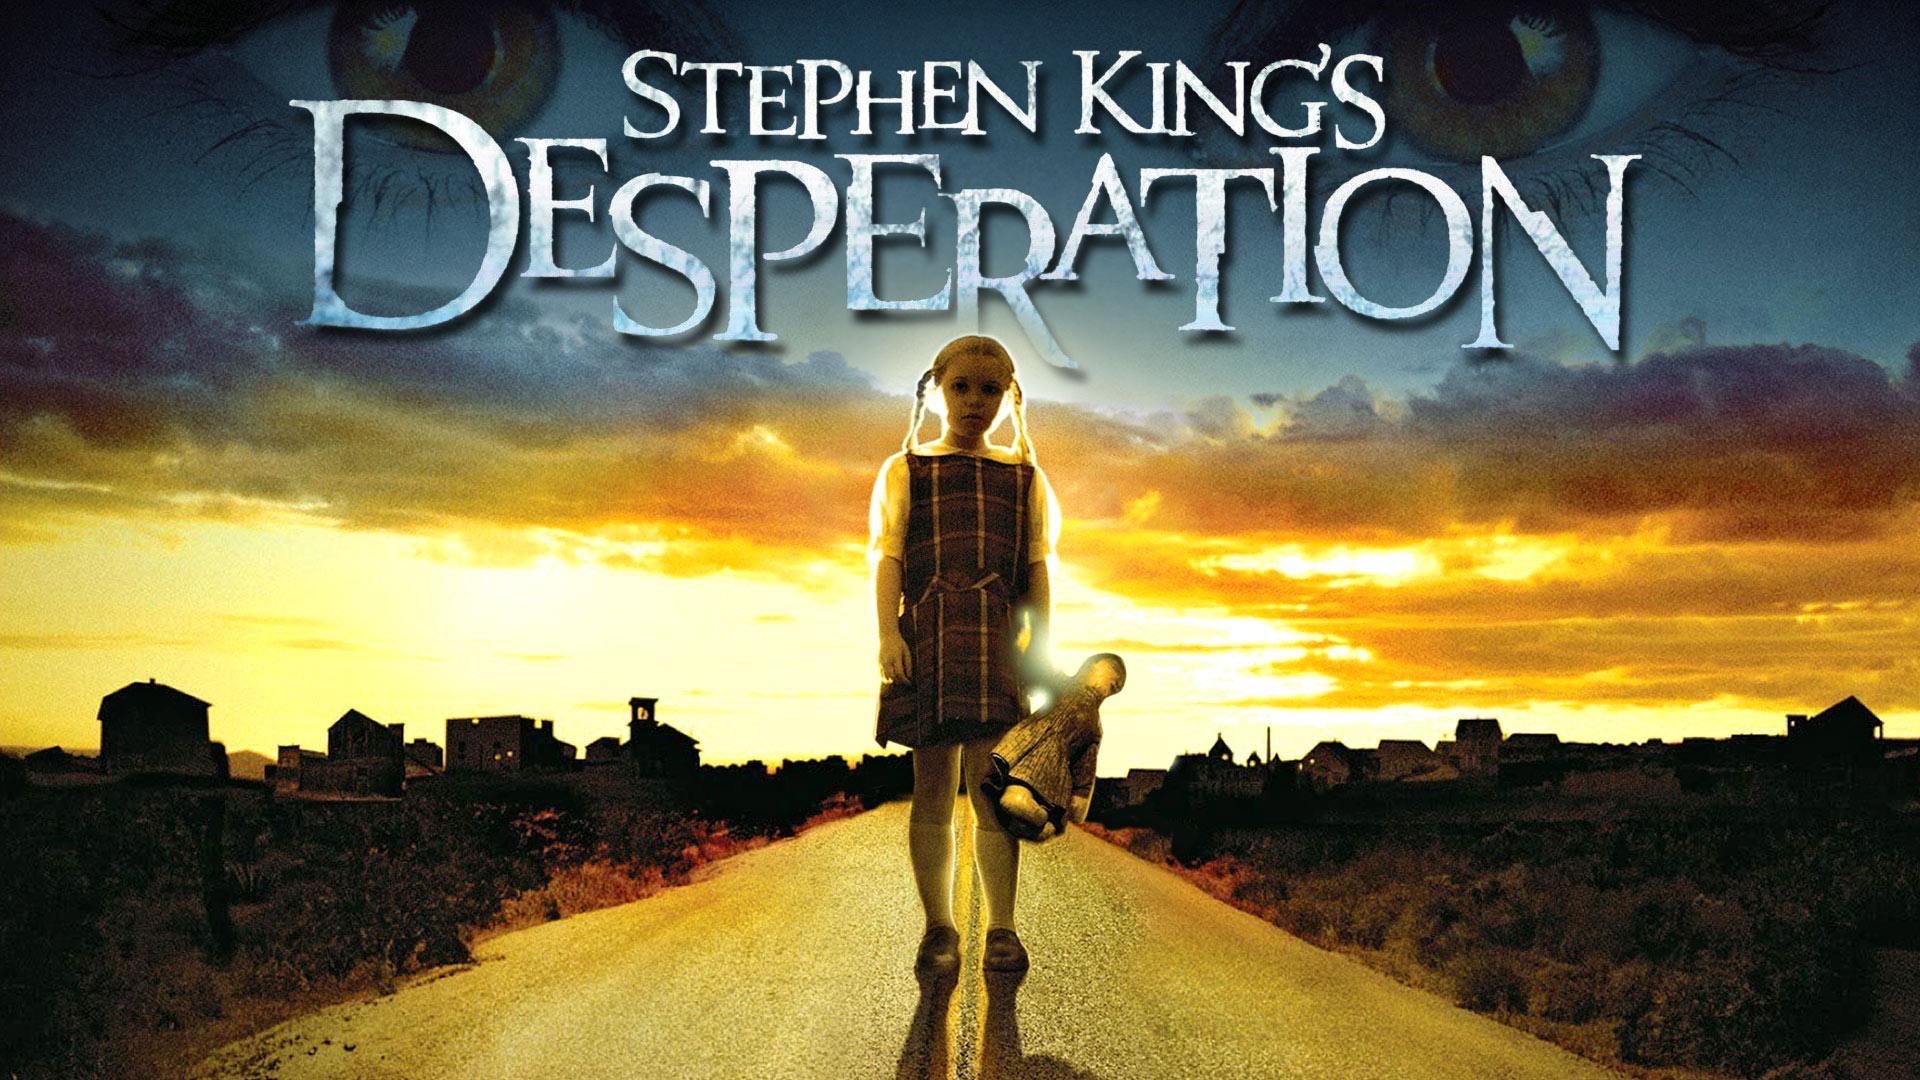 Desperation [Stephen King's]